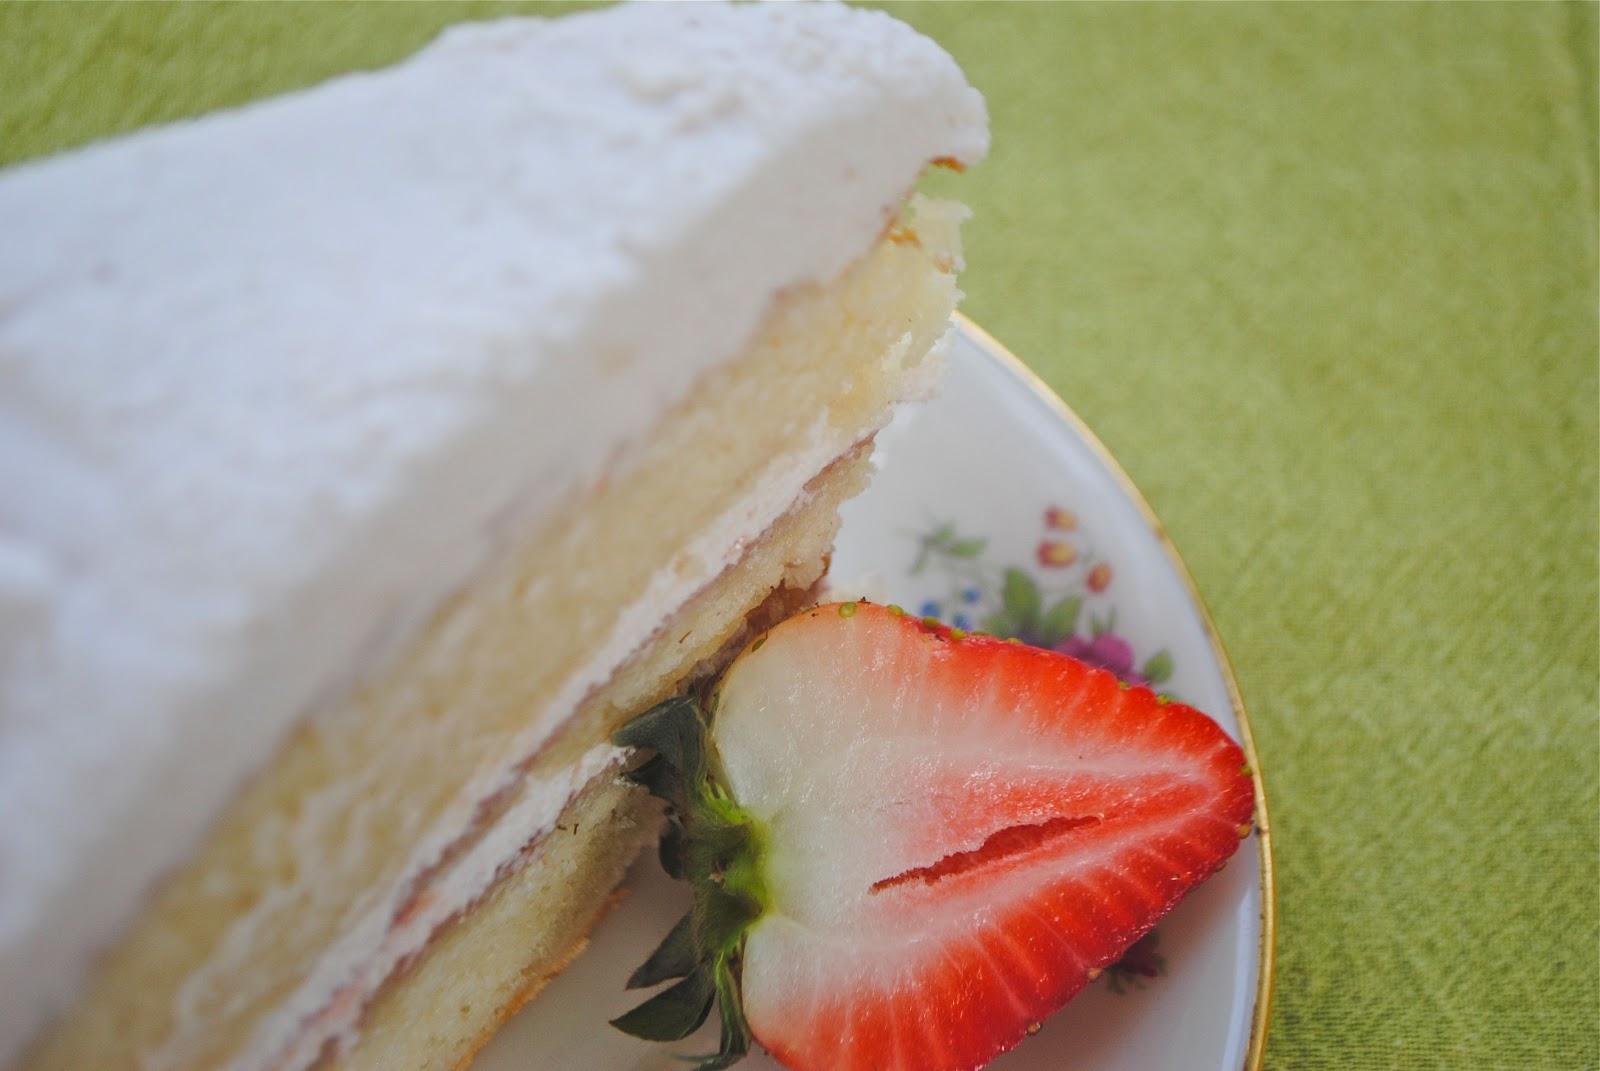 Edmonds Moist Vanilla Cake Recipe